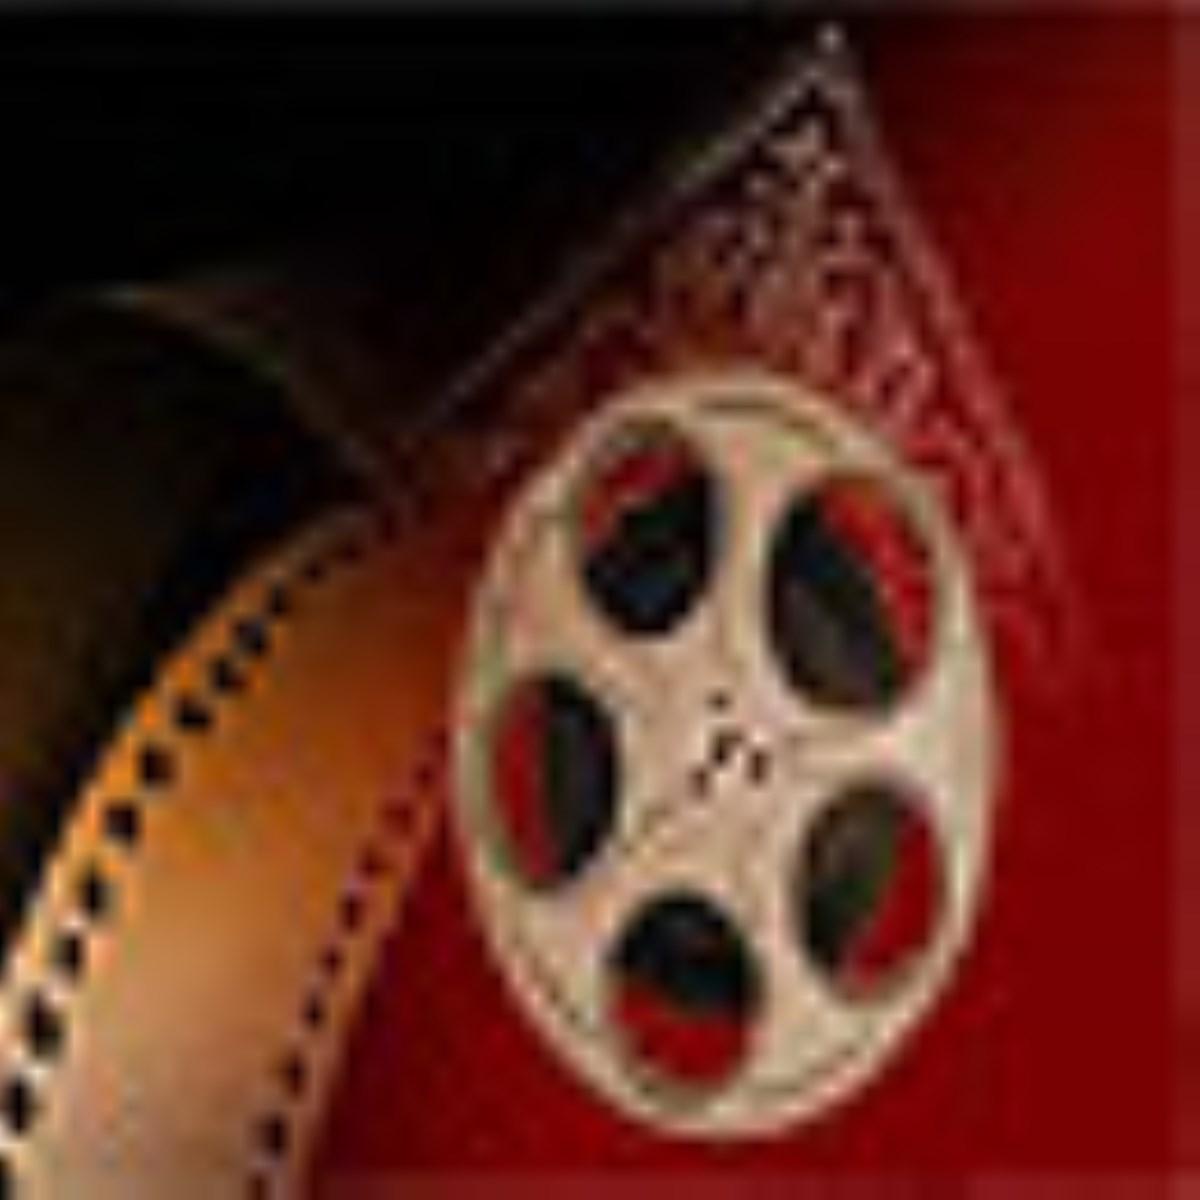 جامعه شناسی و فیلم(3)